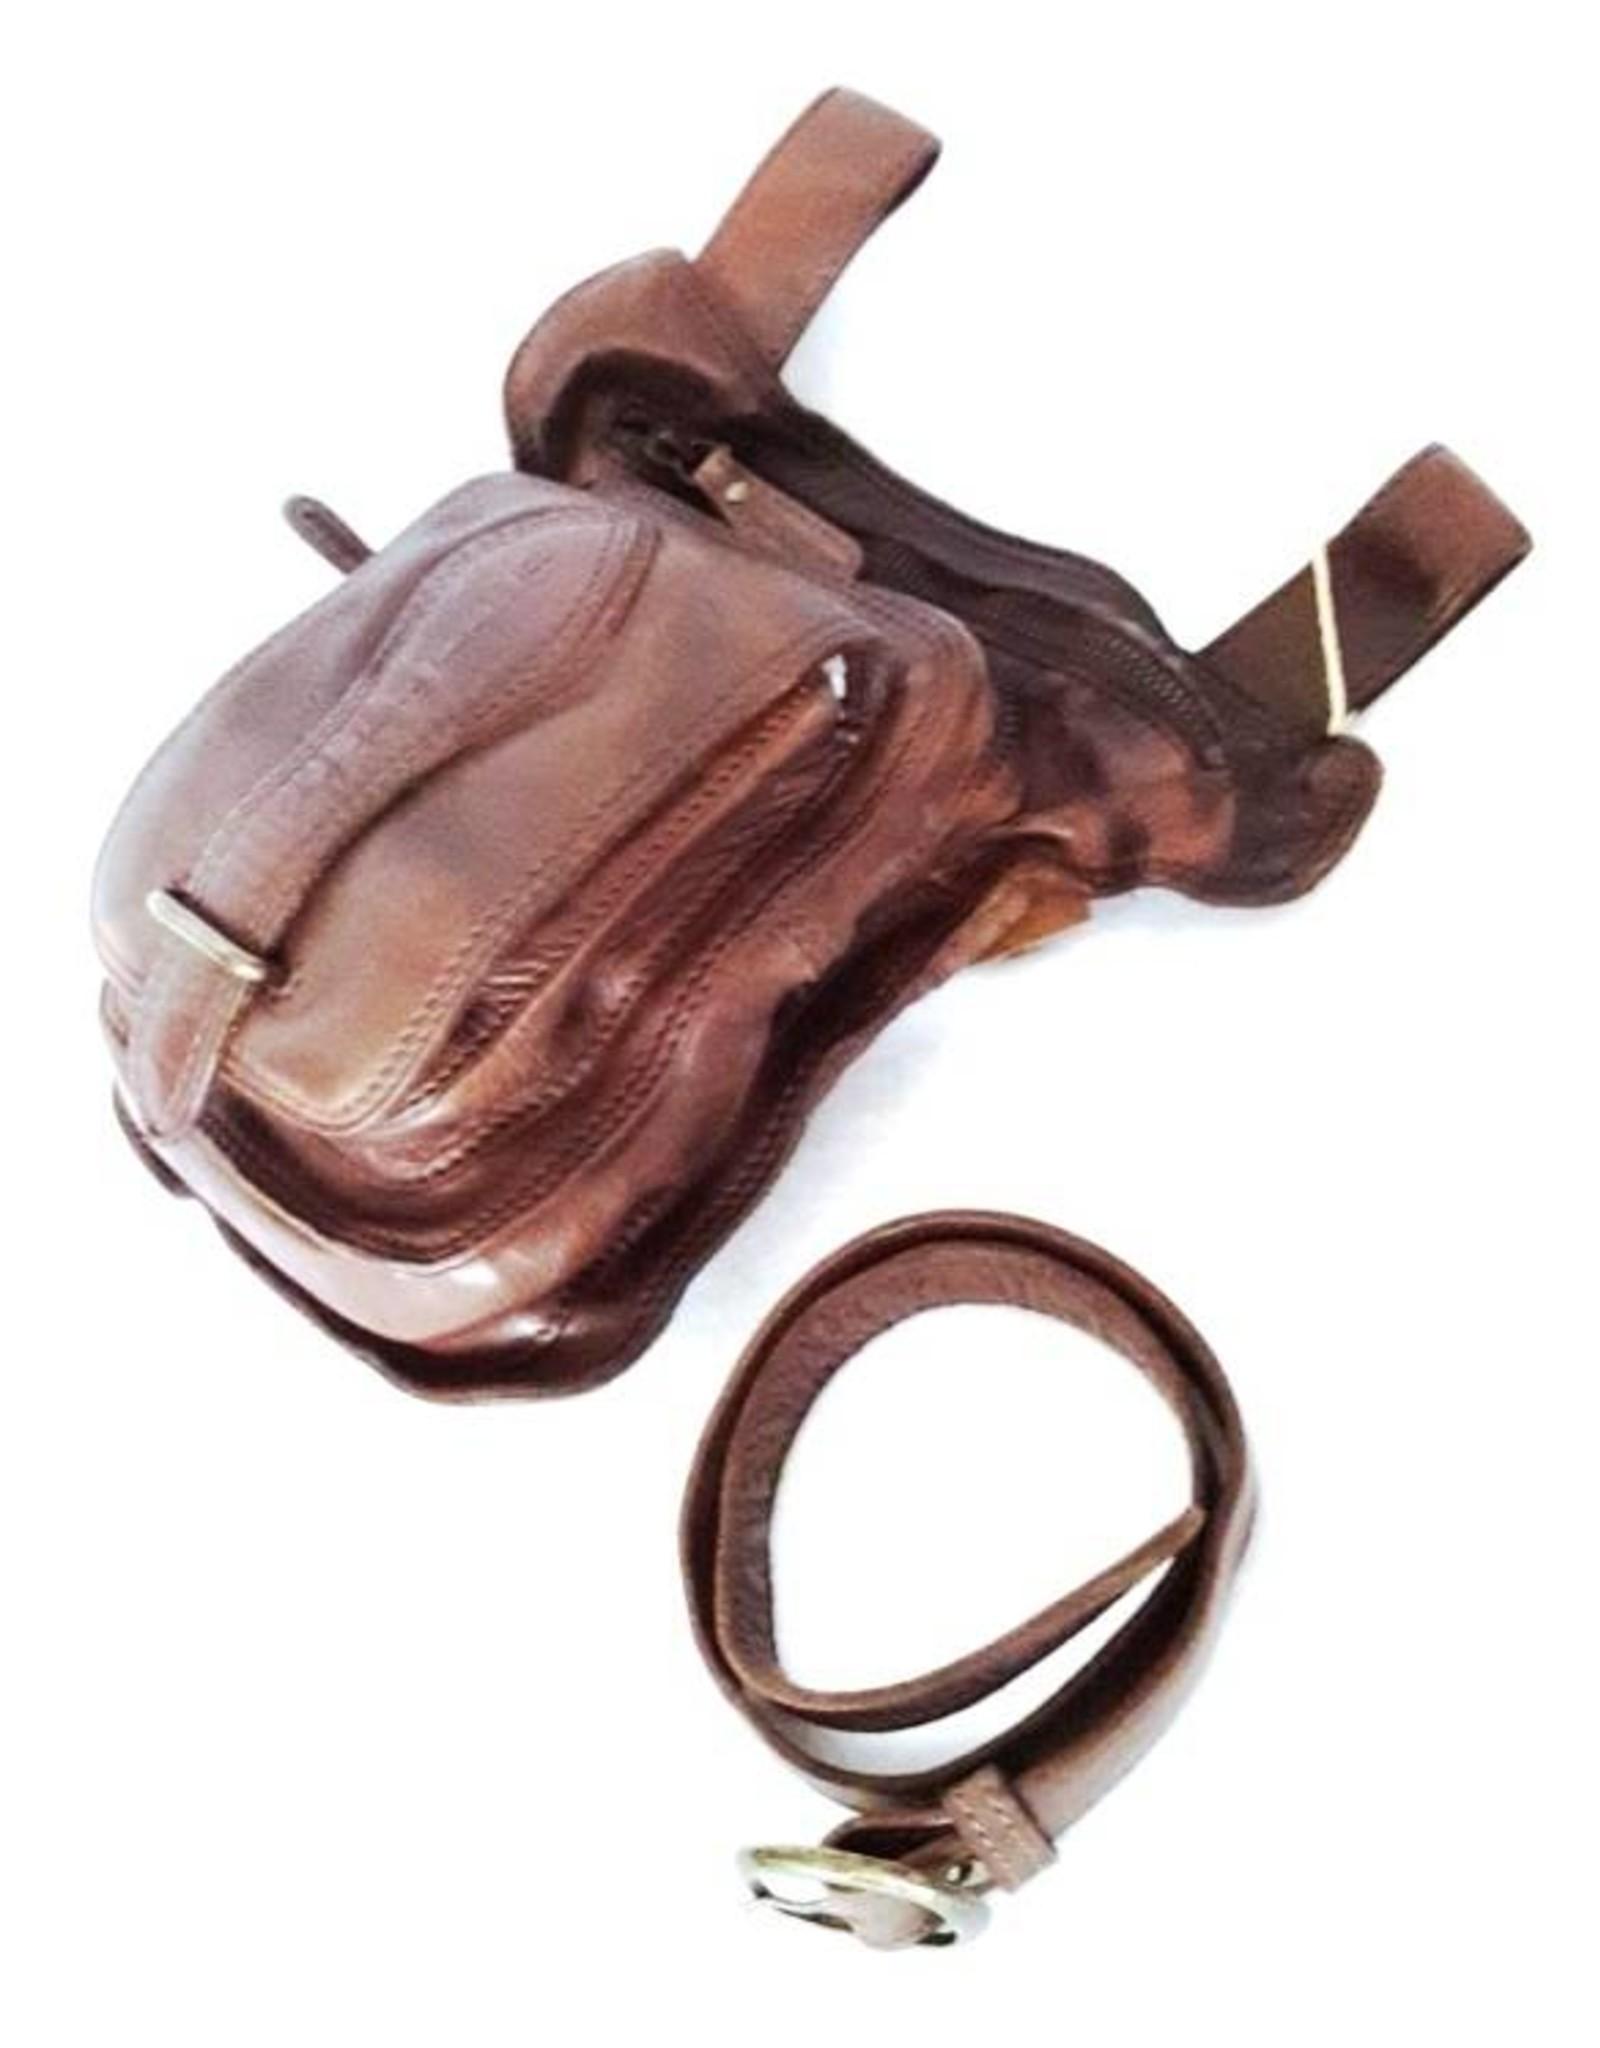 HillBurry Leren tassen - Hillburry riemtas - beentas van gewassen leer bruin